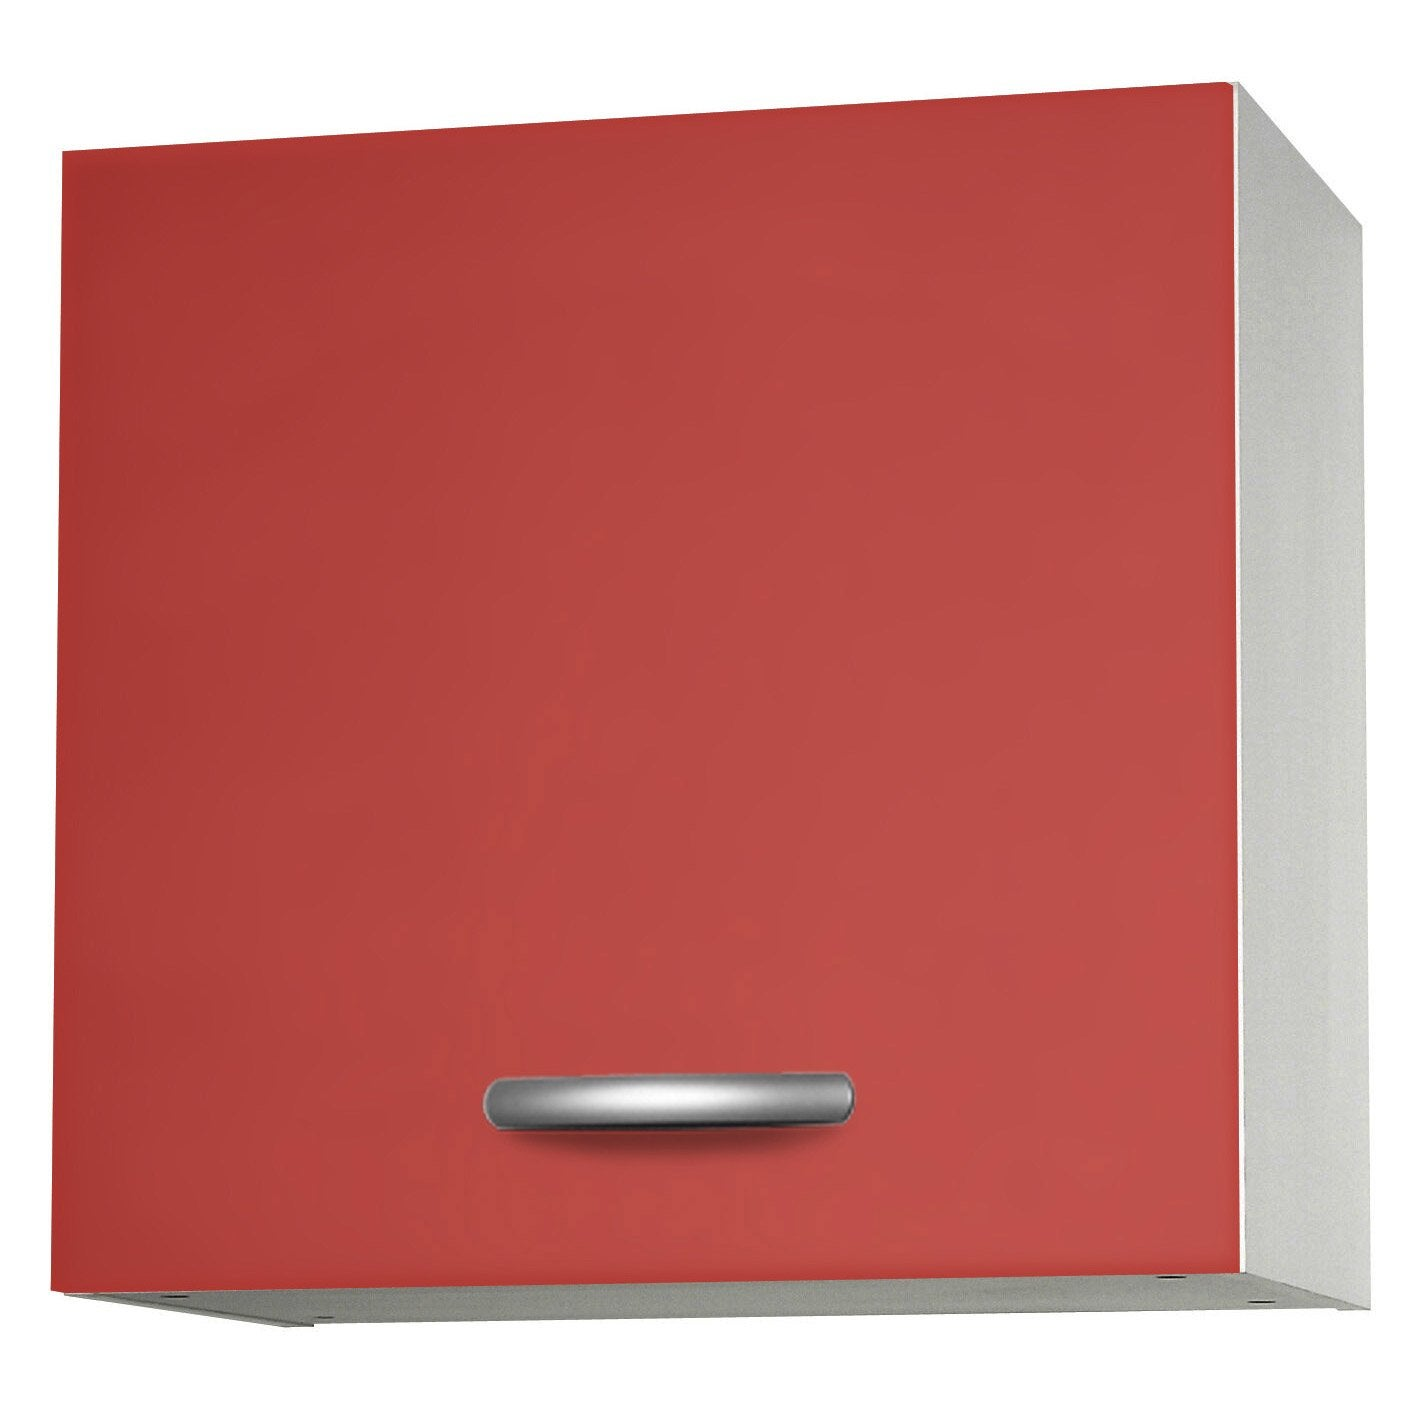 Meuble de cuisine haut 1 porte rouge h57 x l60 x p35 cm leroy merlin - Porte meuble cuisine leroy merlin ...